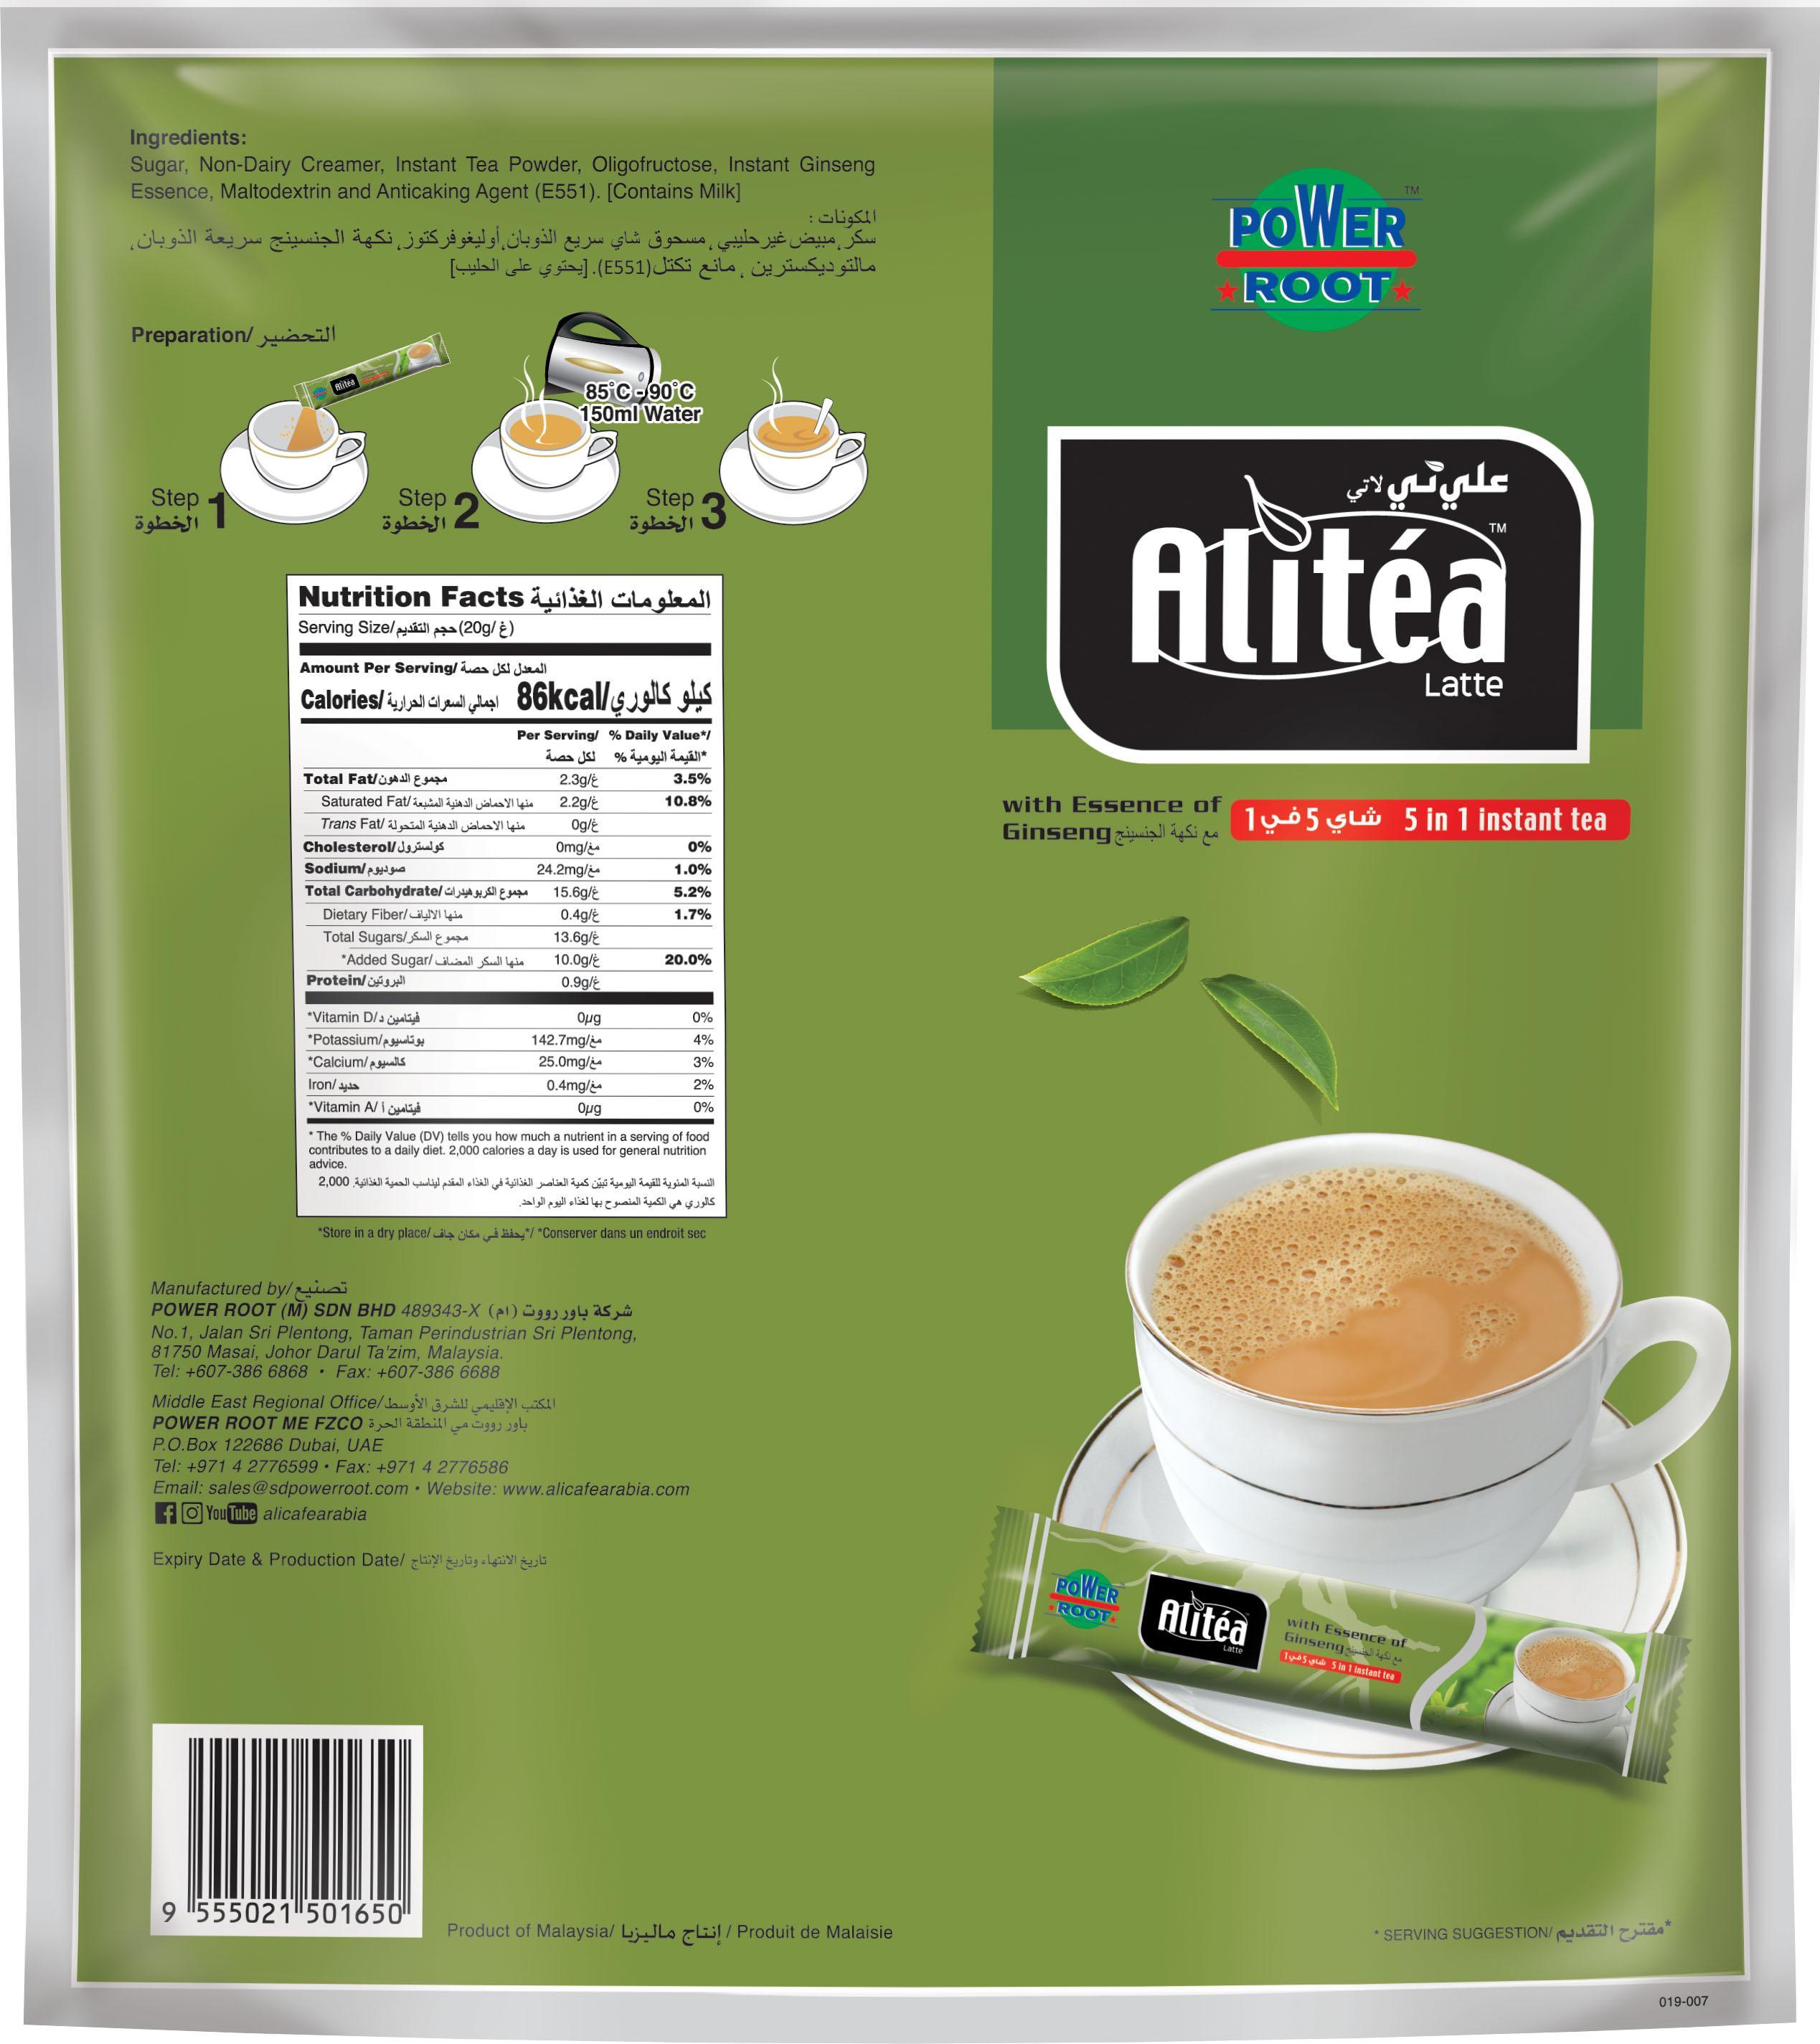 Alitéa 5 in 1 Latte Instant Tea